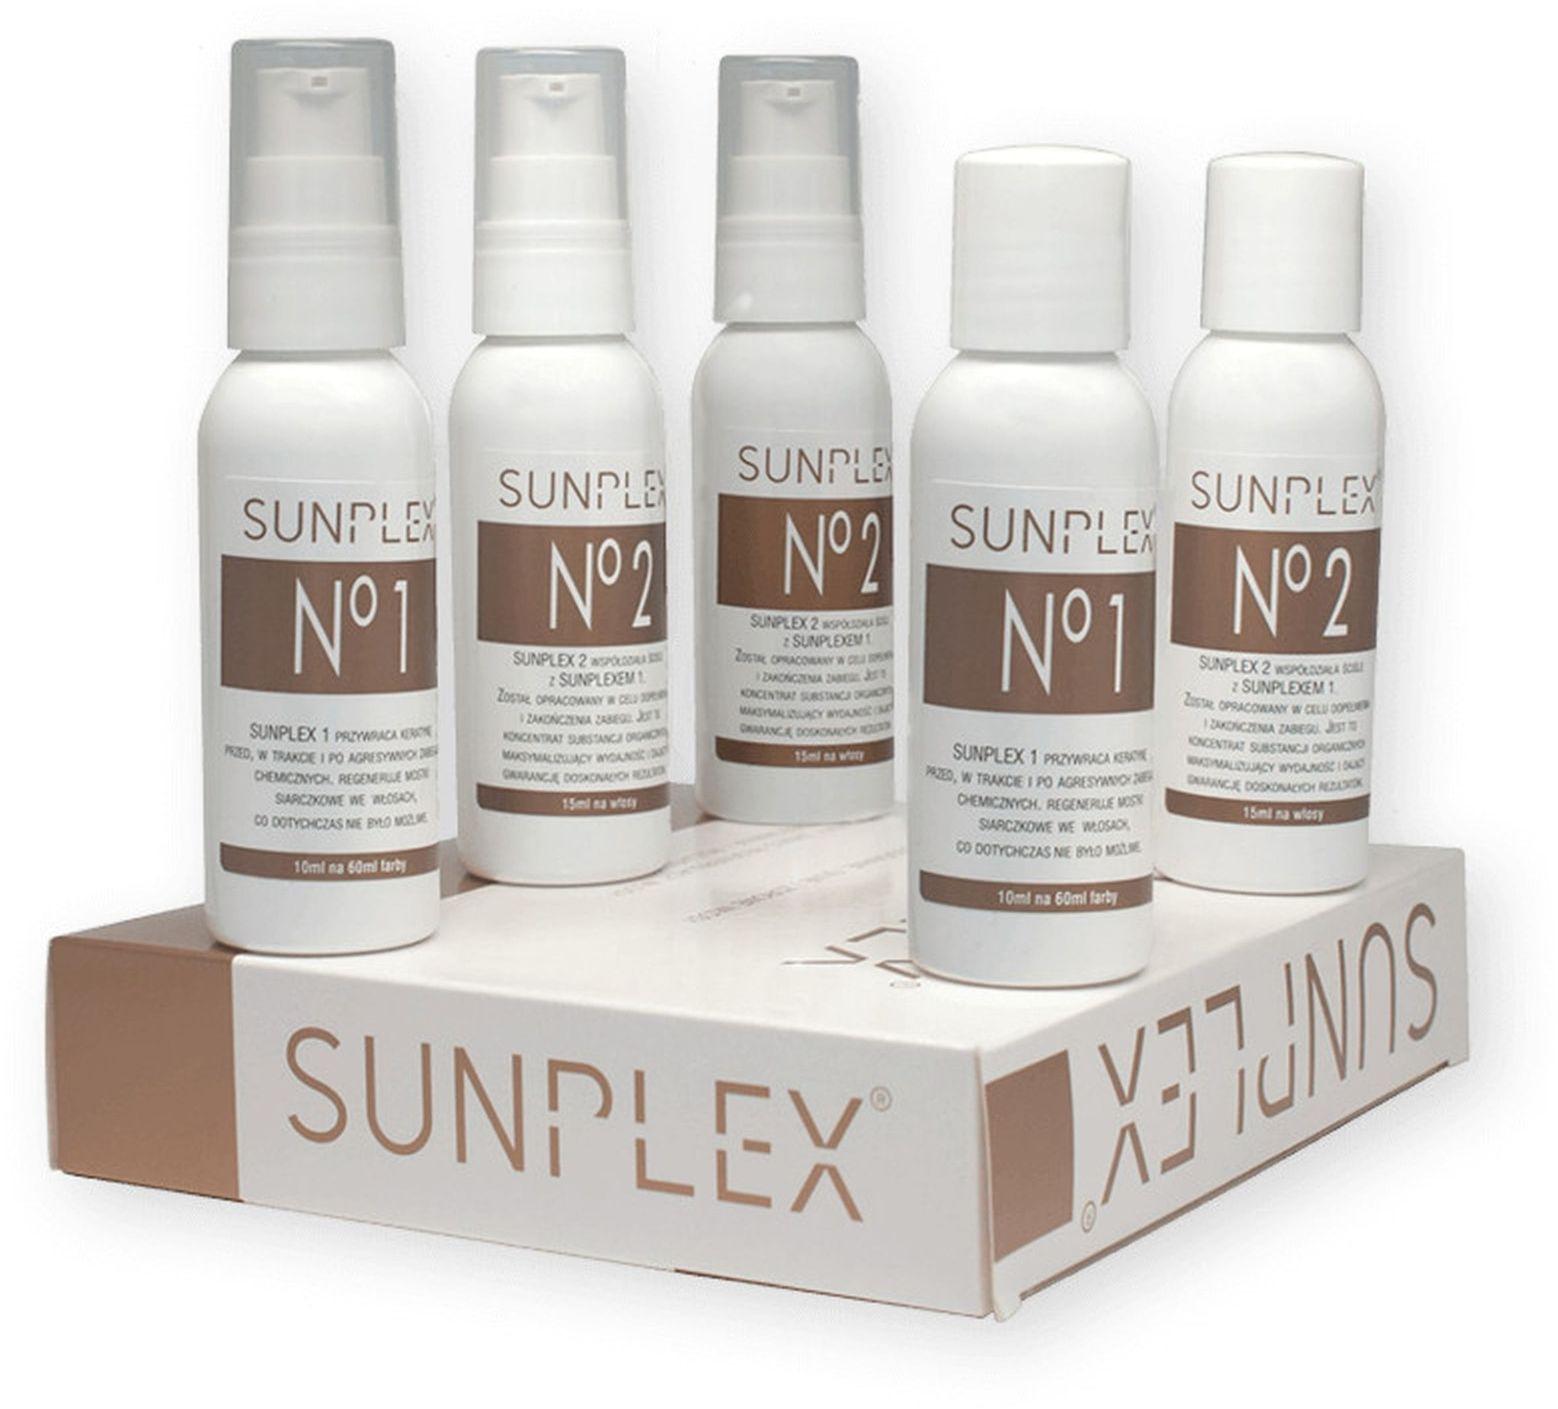 Kuracja regenerująca do włosów - Sunplex - 5x50ml - 10 Zabiegów